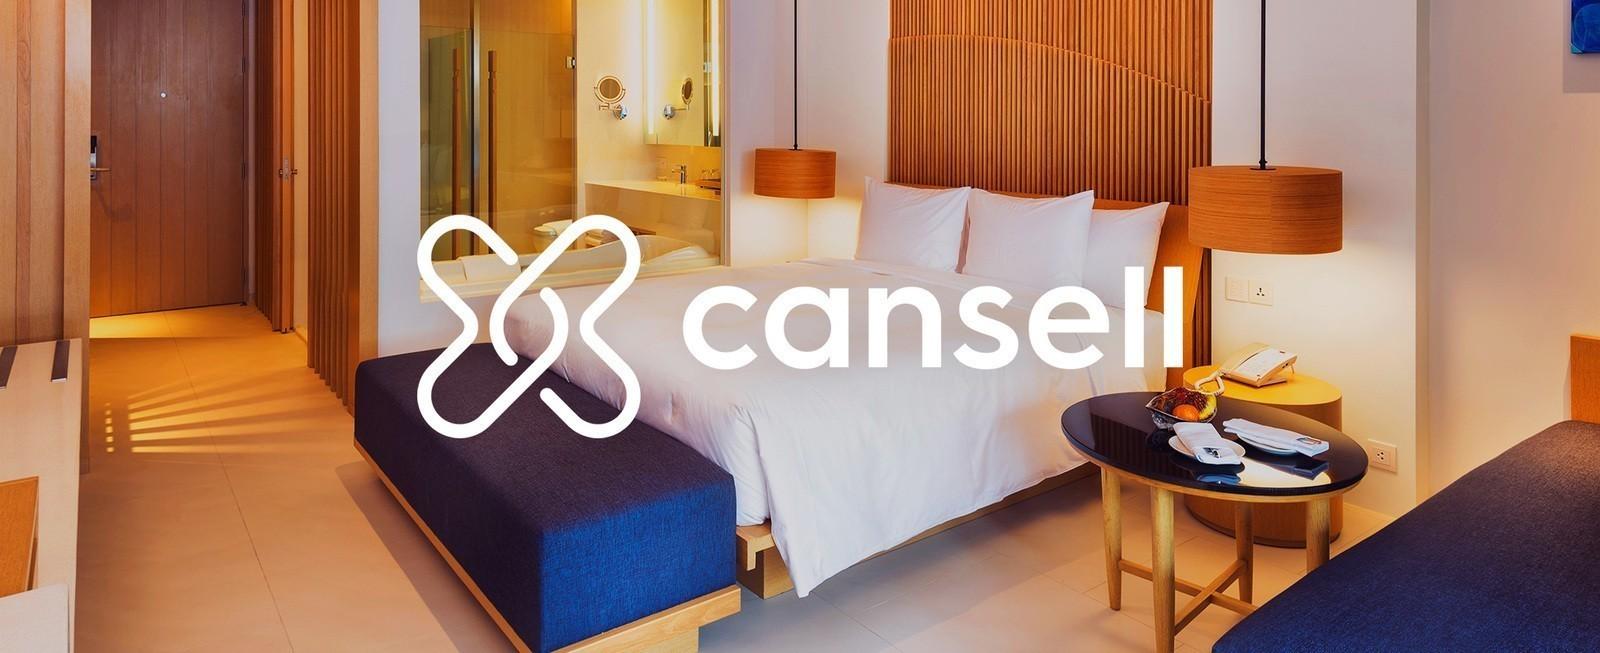 行けなくなったホテルの予約を売買するサービス『Cansell』のアプリを新規開発するiOSエンジニアを募集!